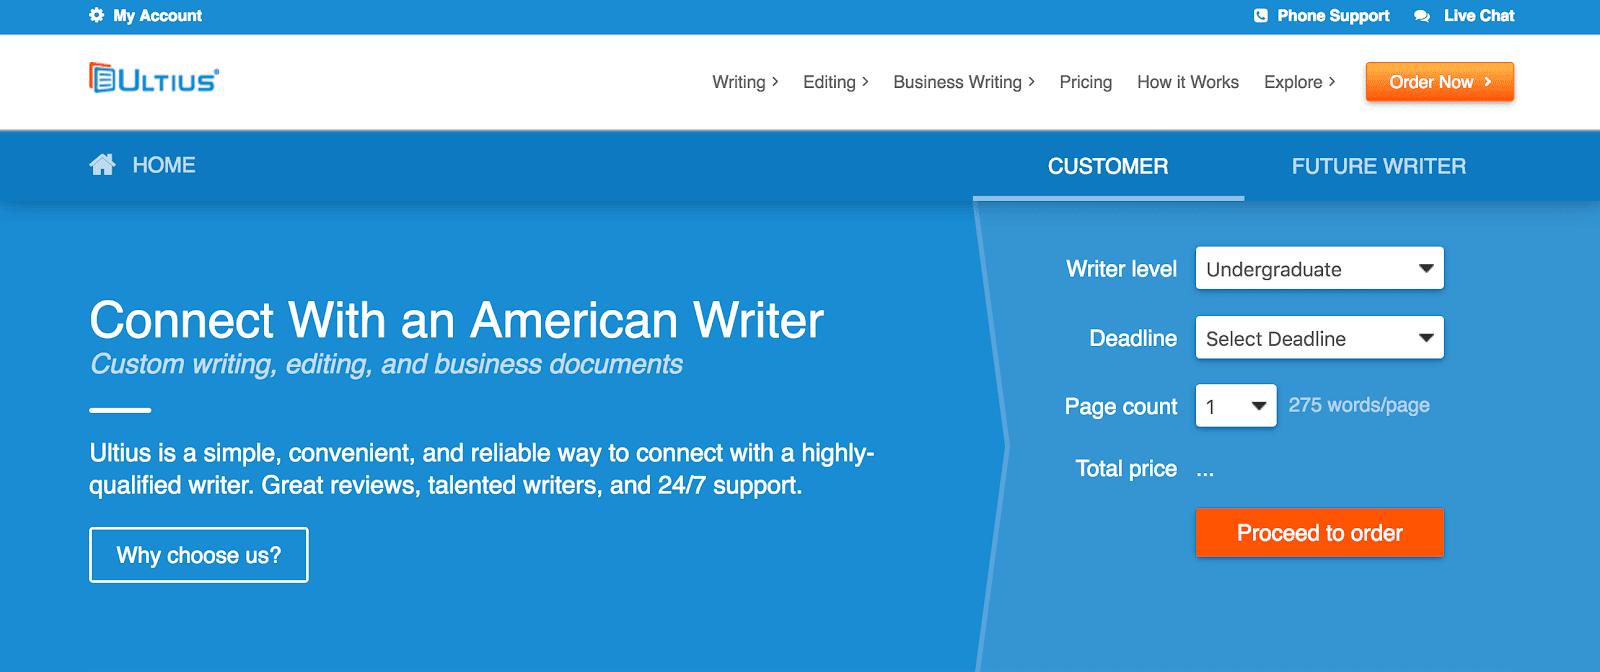 Ultius.com home page